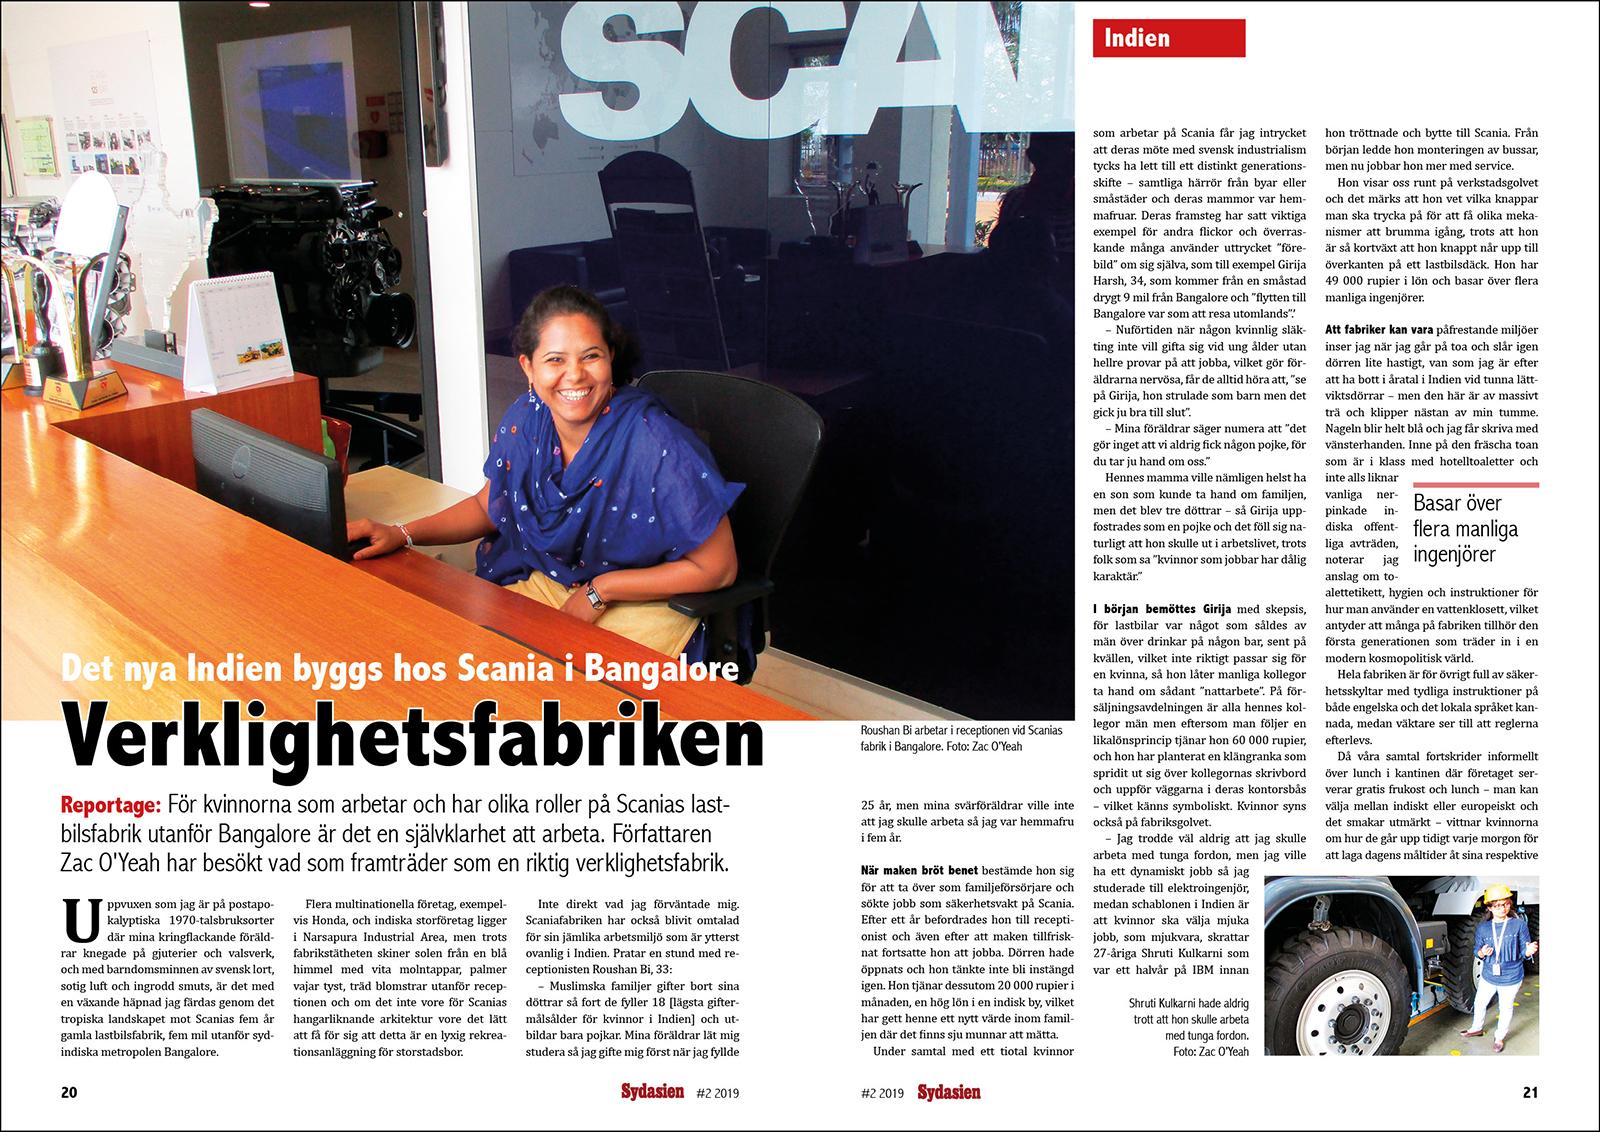 """Zacs reportage om """"verklighetsfabriken"""""""